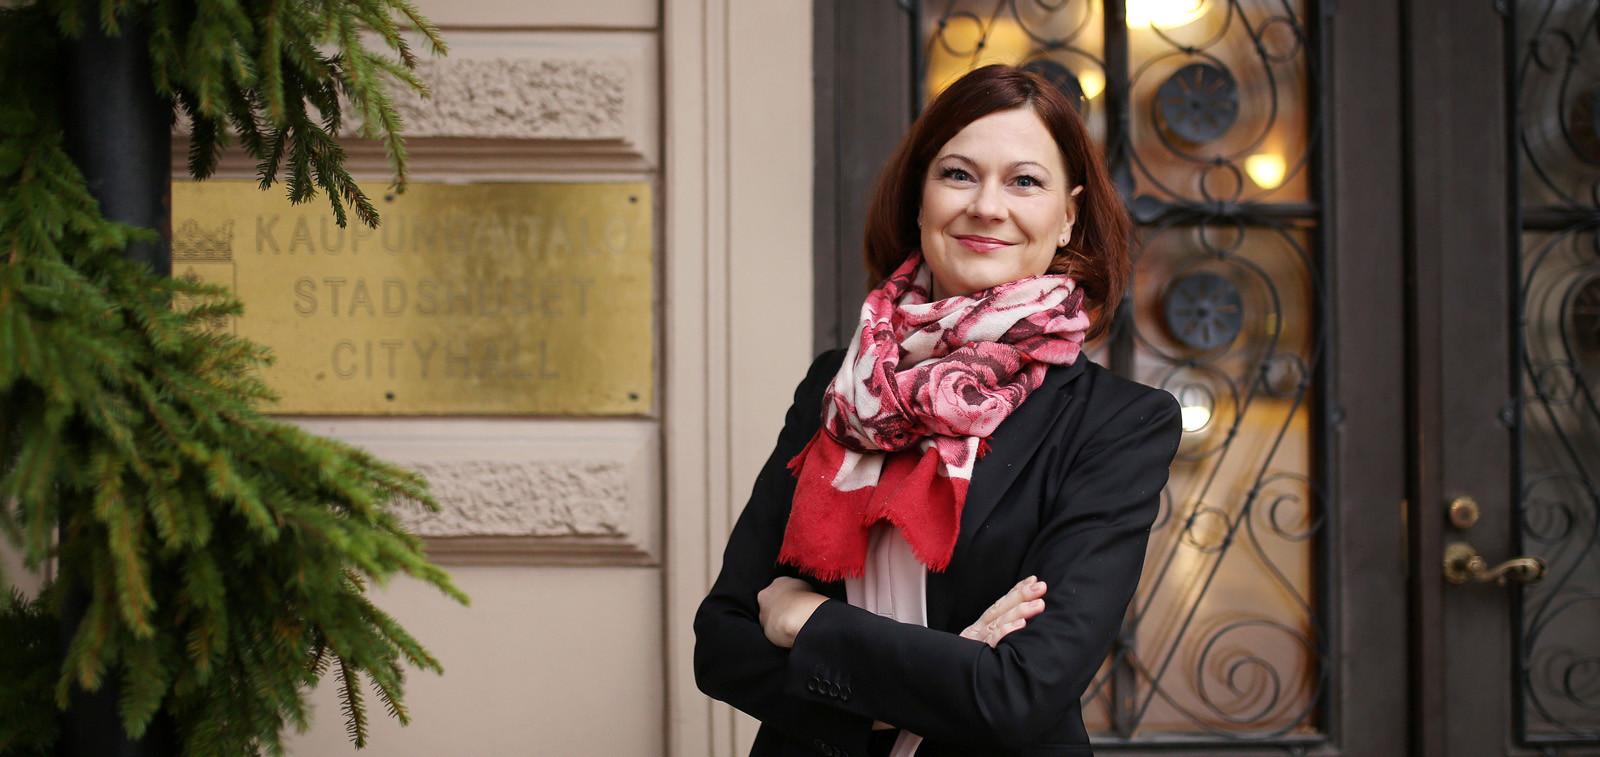 Turun kaupunginjohtaja Minna Arve